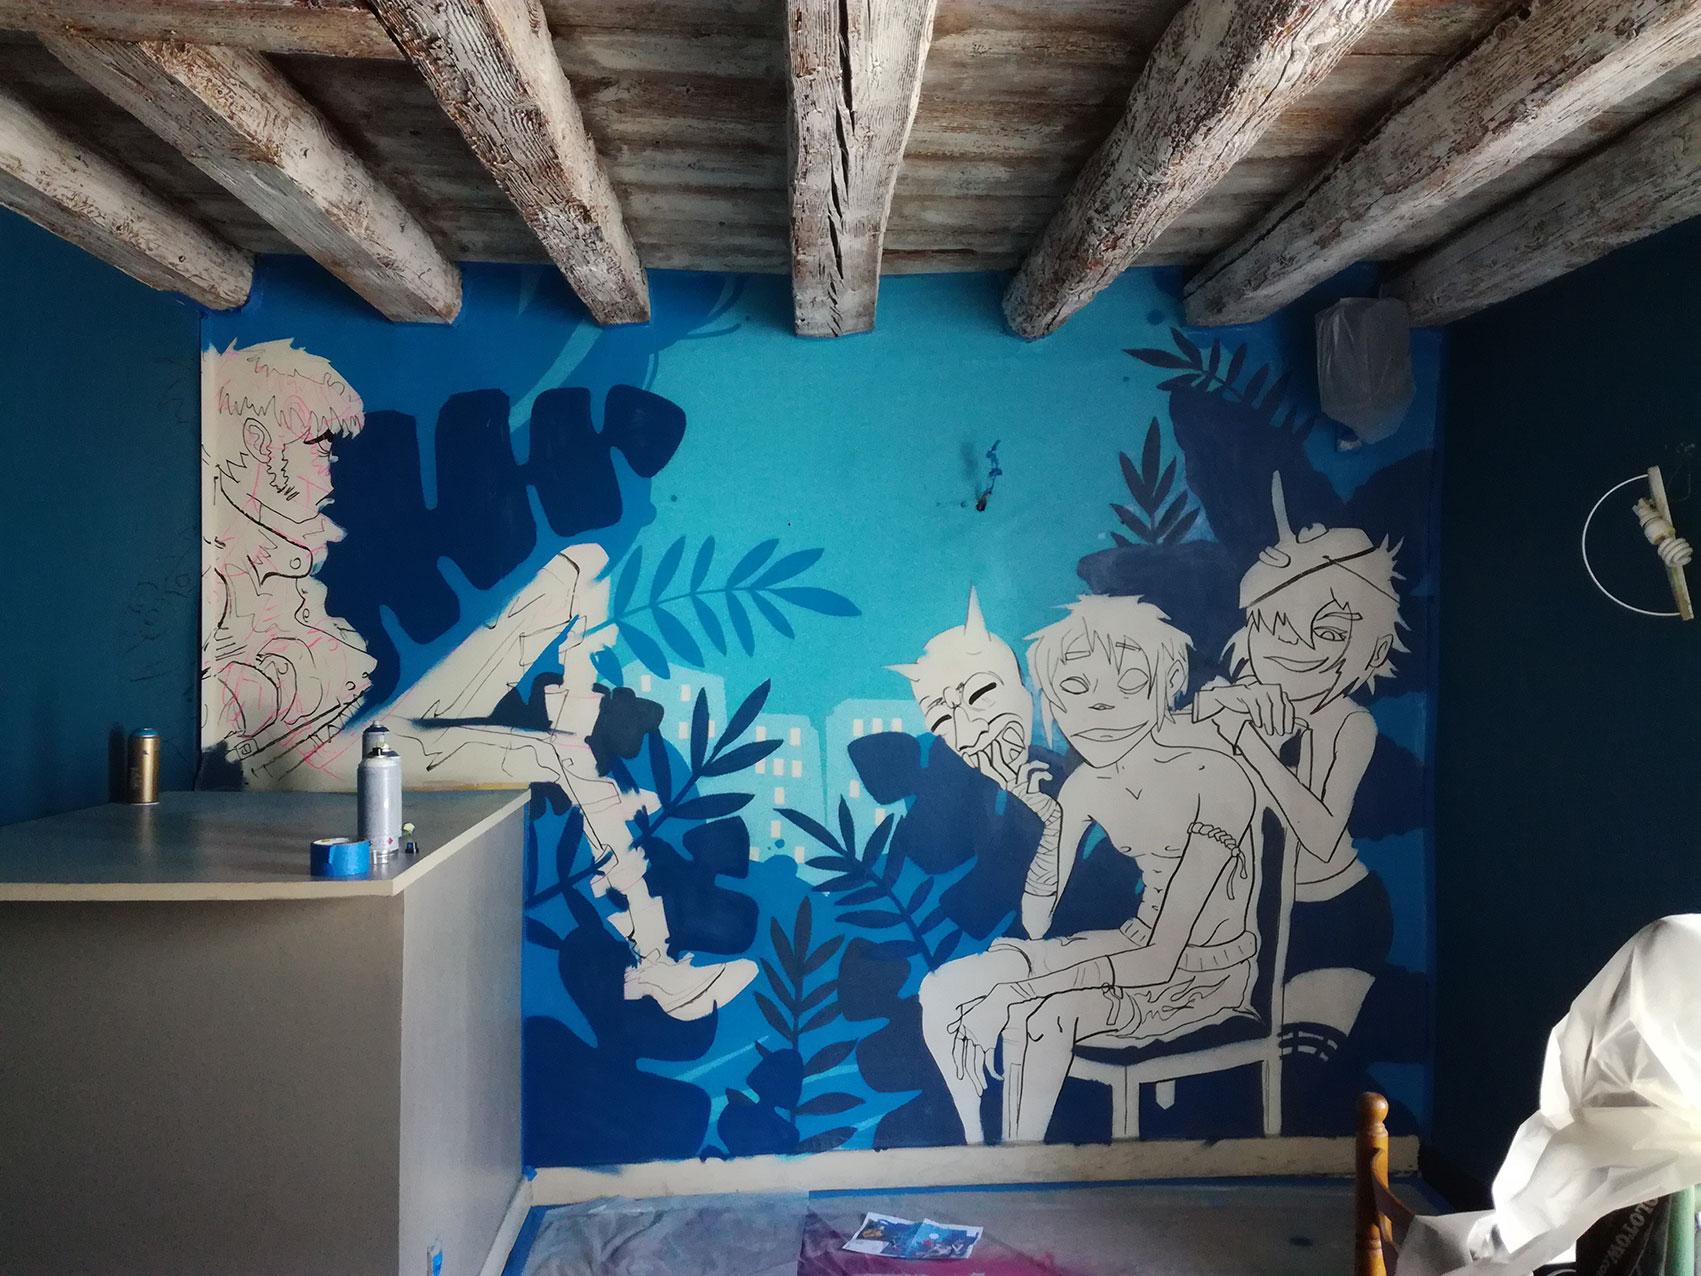 anamorphose lyon abys bar maison bleue décoration spray graffiti gorillaz peinture murale illustration